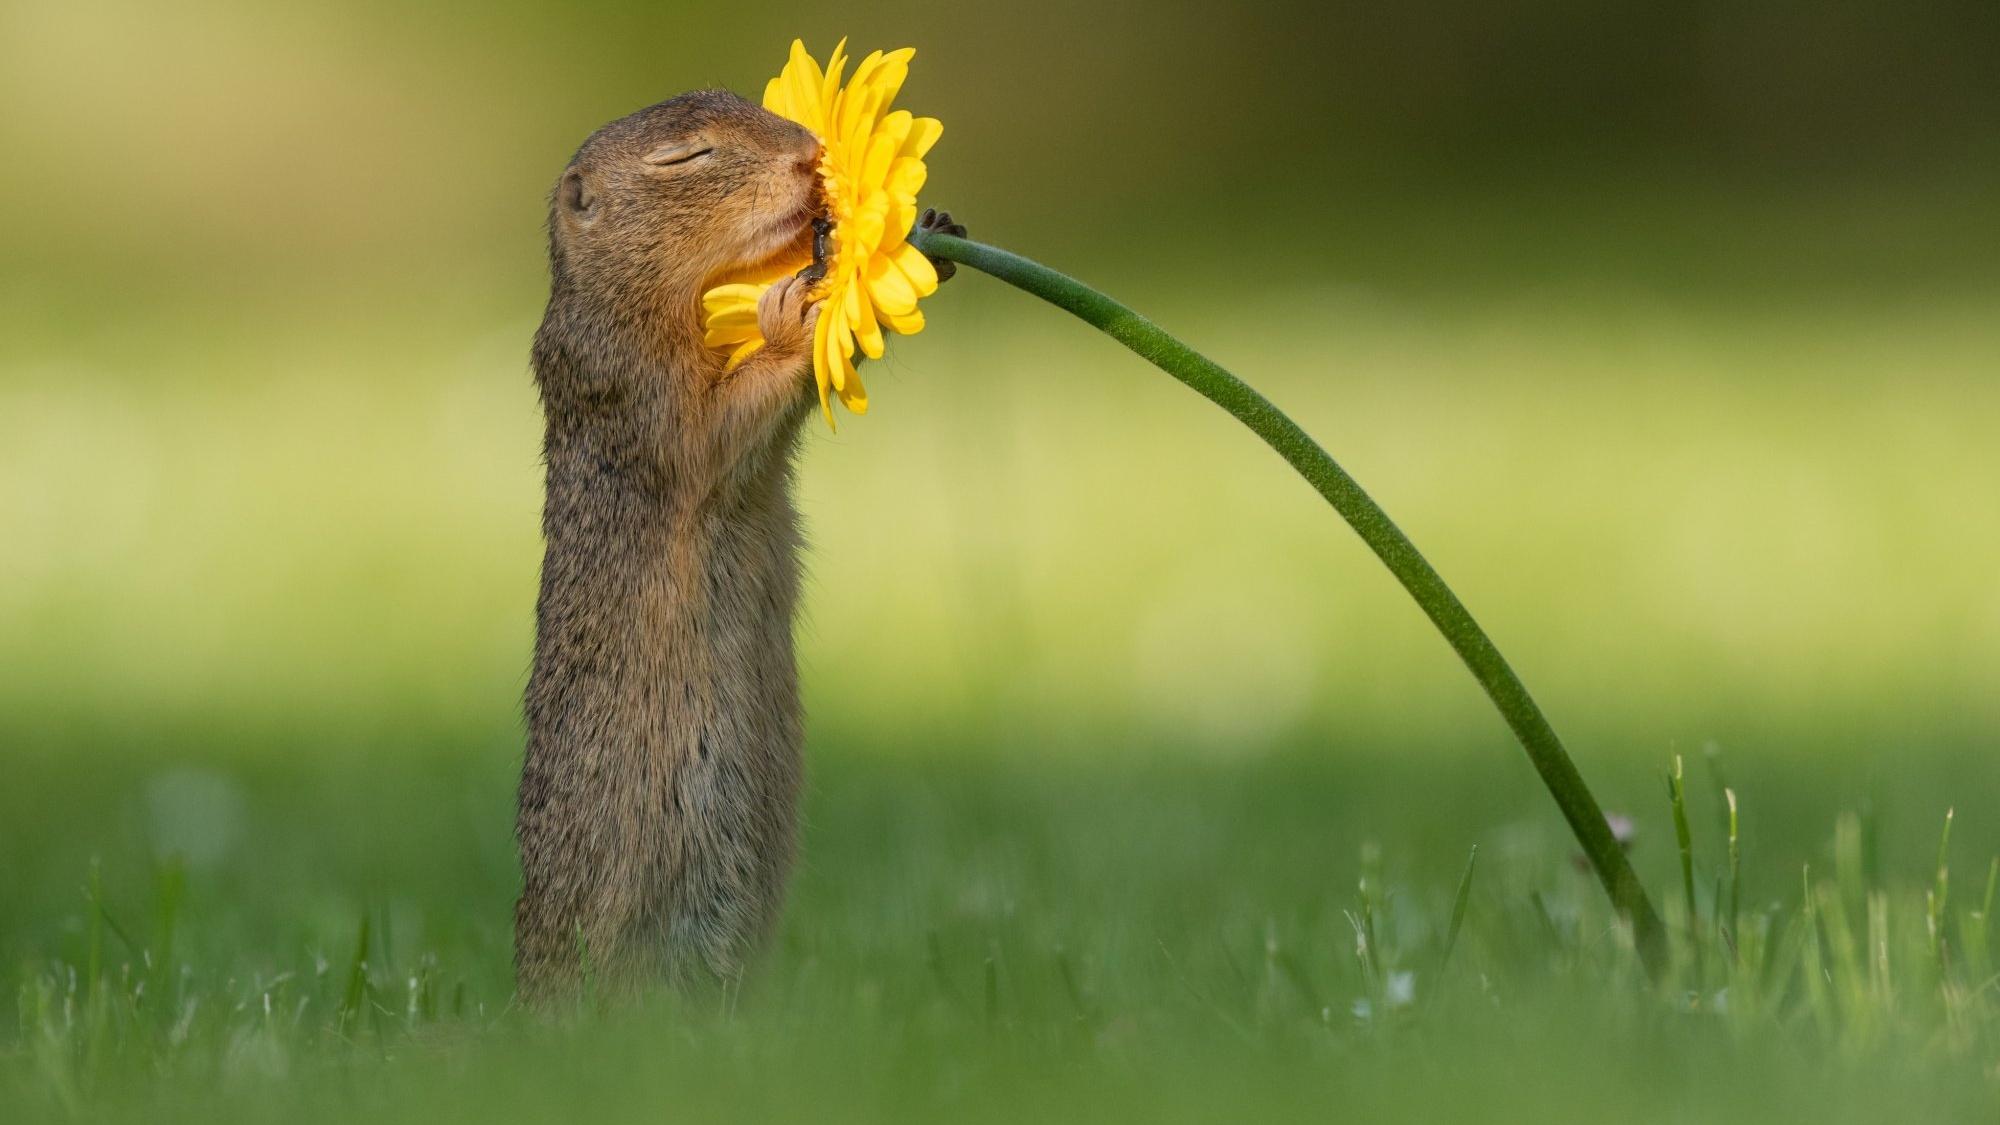 Eekhoorn-foto-Dick-van-Duijn-Cropped.jpg